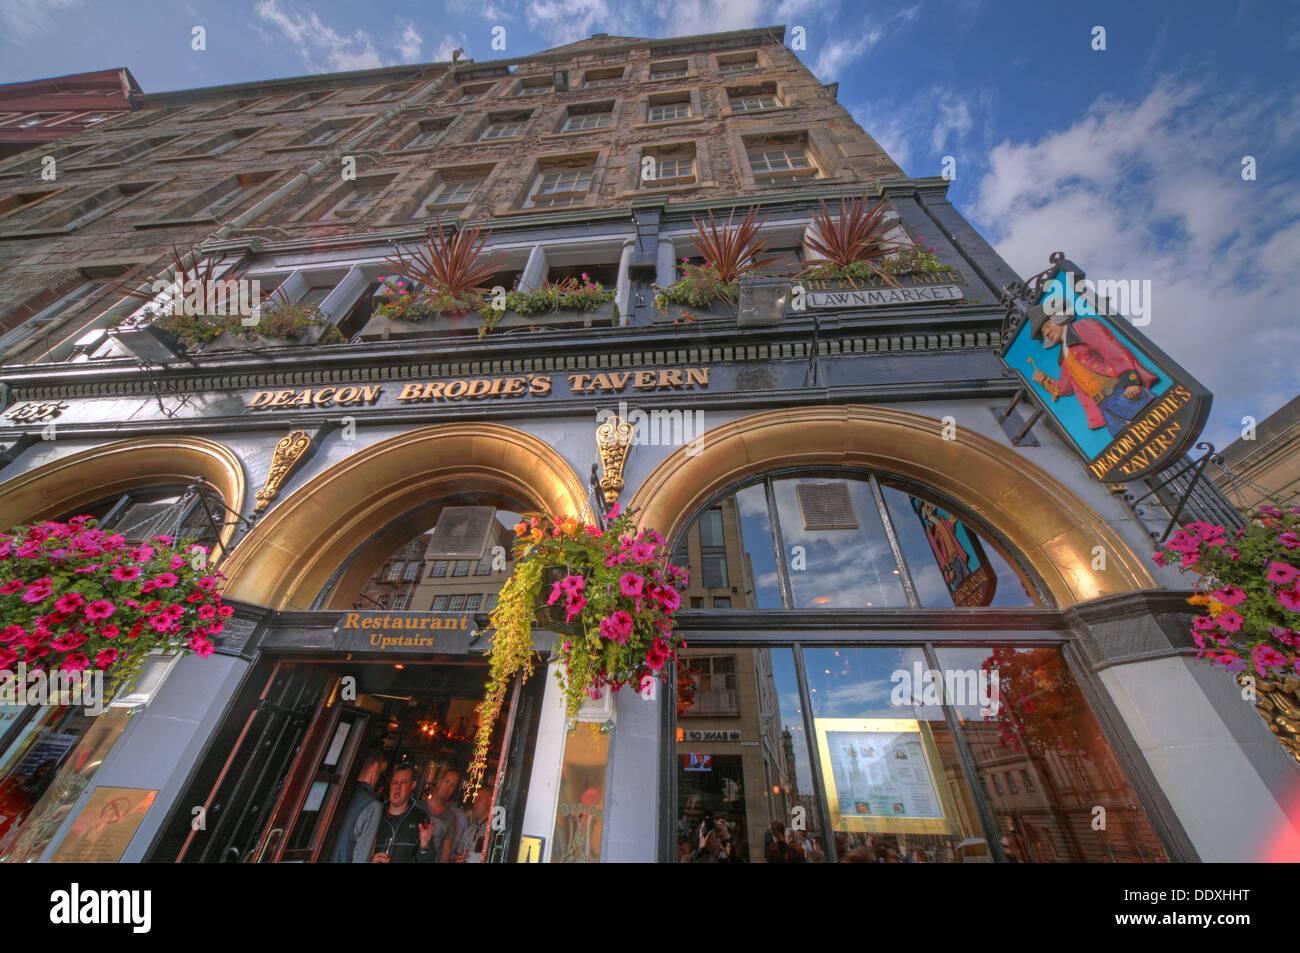 Laden Sie dieses Alamy Stockfoto Diakon Brodies Taverne, Royal Mile, EDN, Stadt von Edinburgh, Scotland, UK - auf der Suche nach oben - DDXHHT